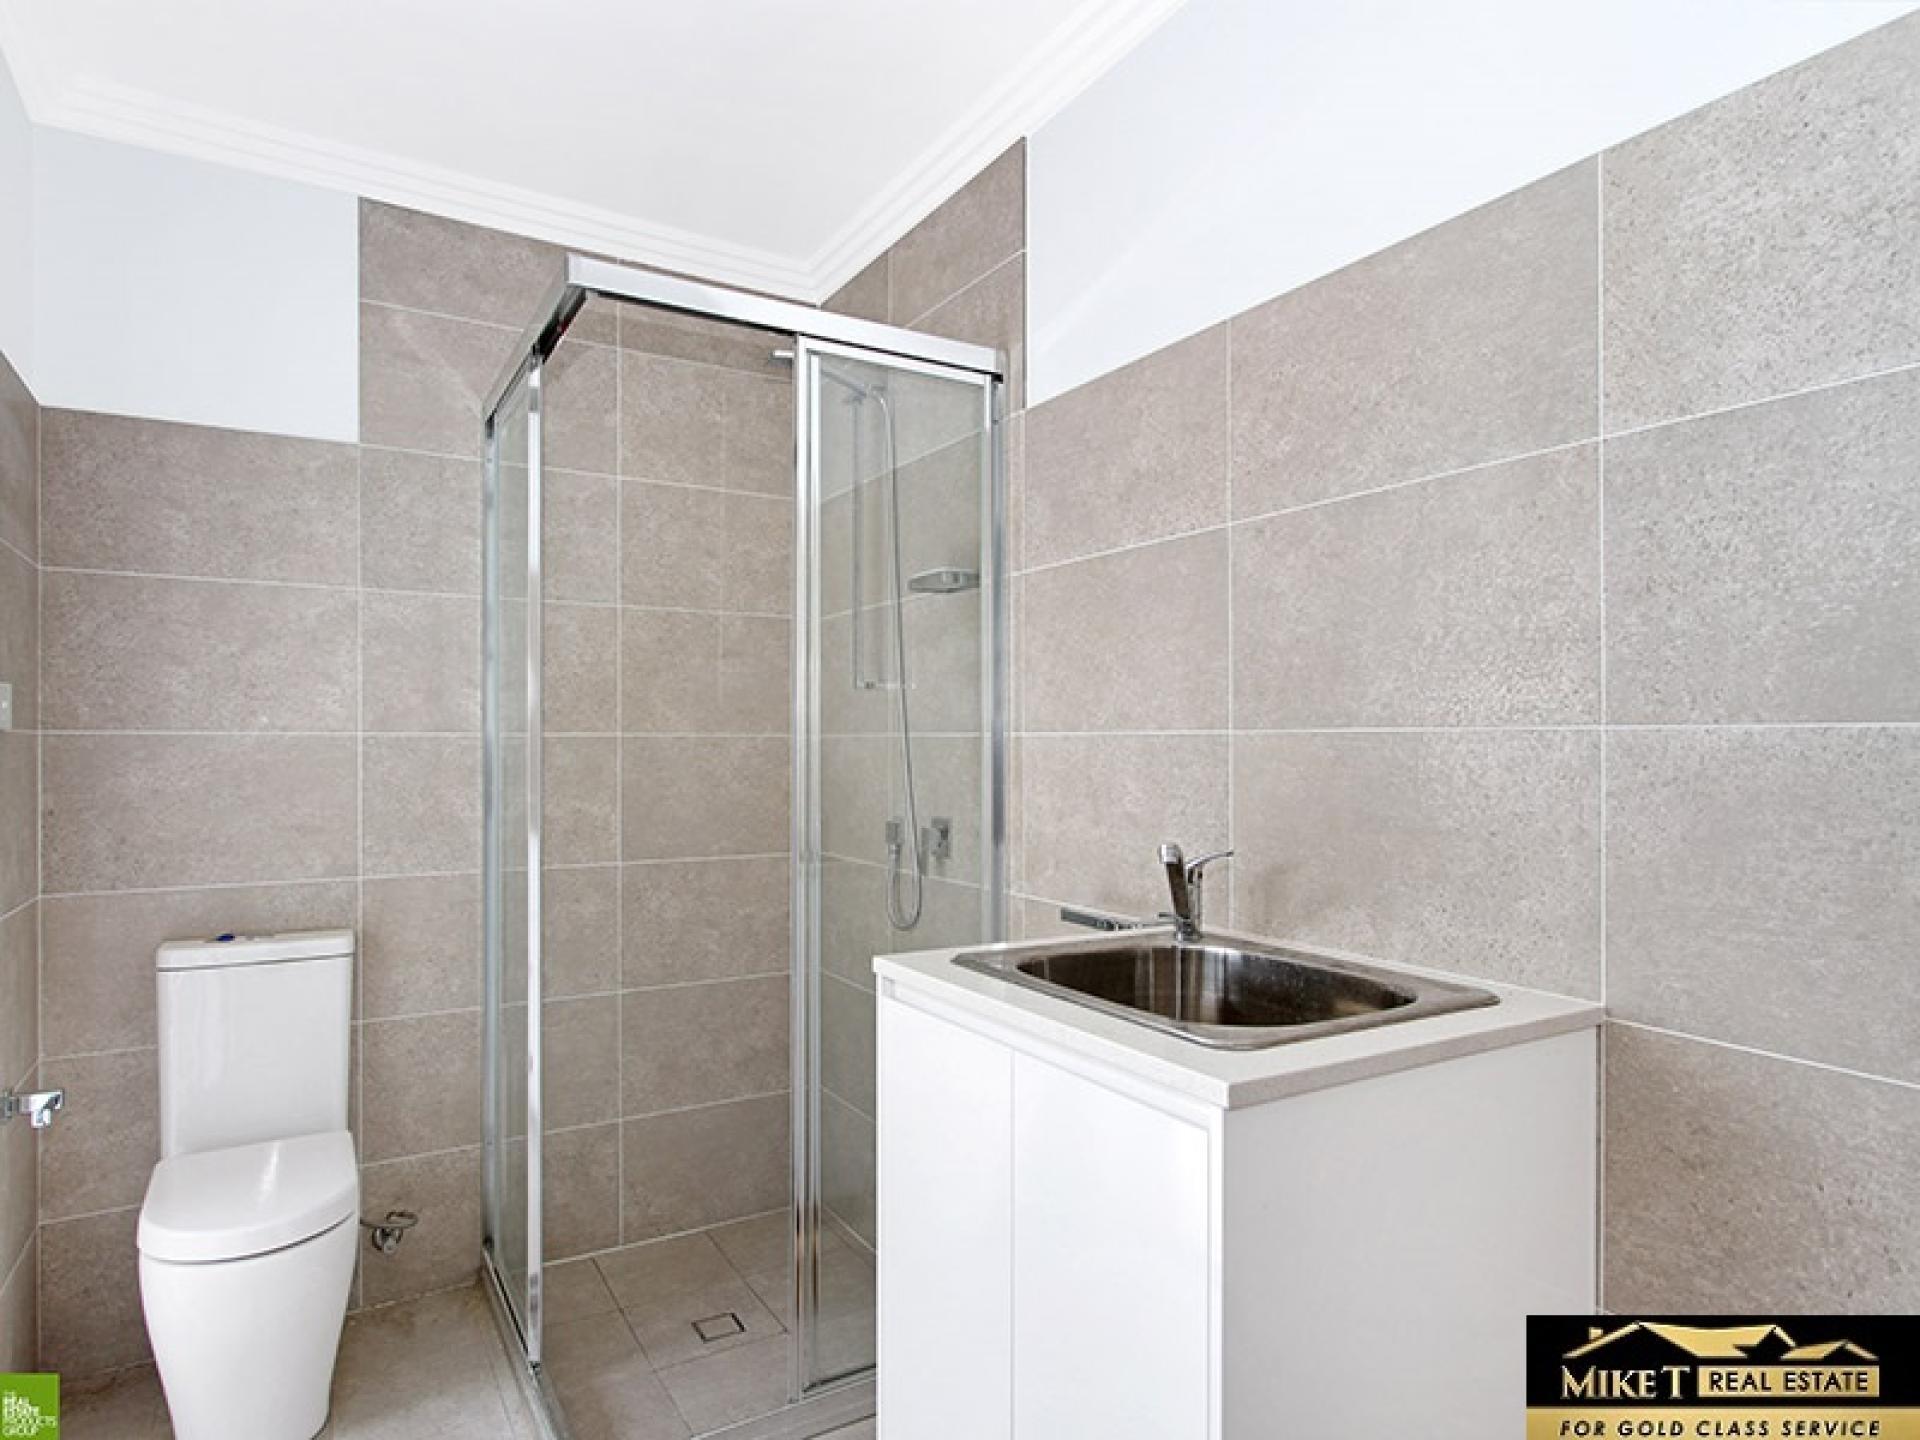 20 Chaplin Place, Albion Park NSW 2527 - Duplex for Sale | Allhomes